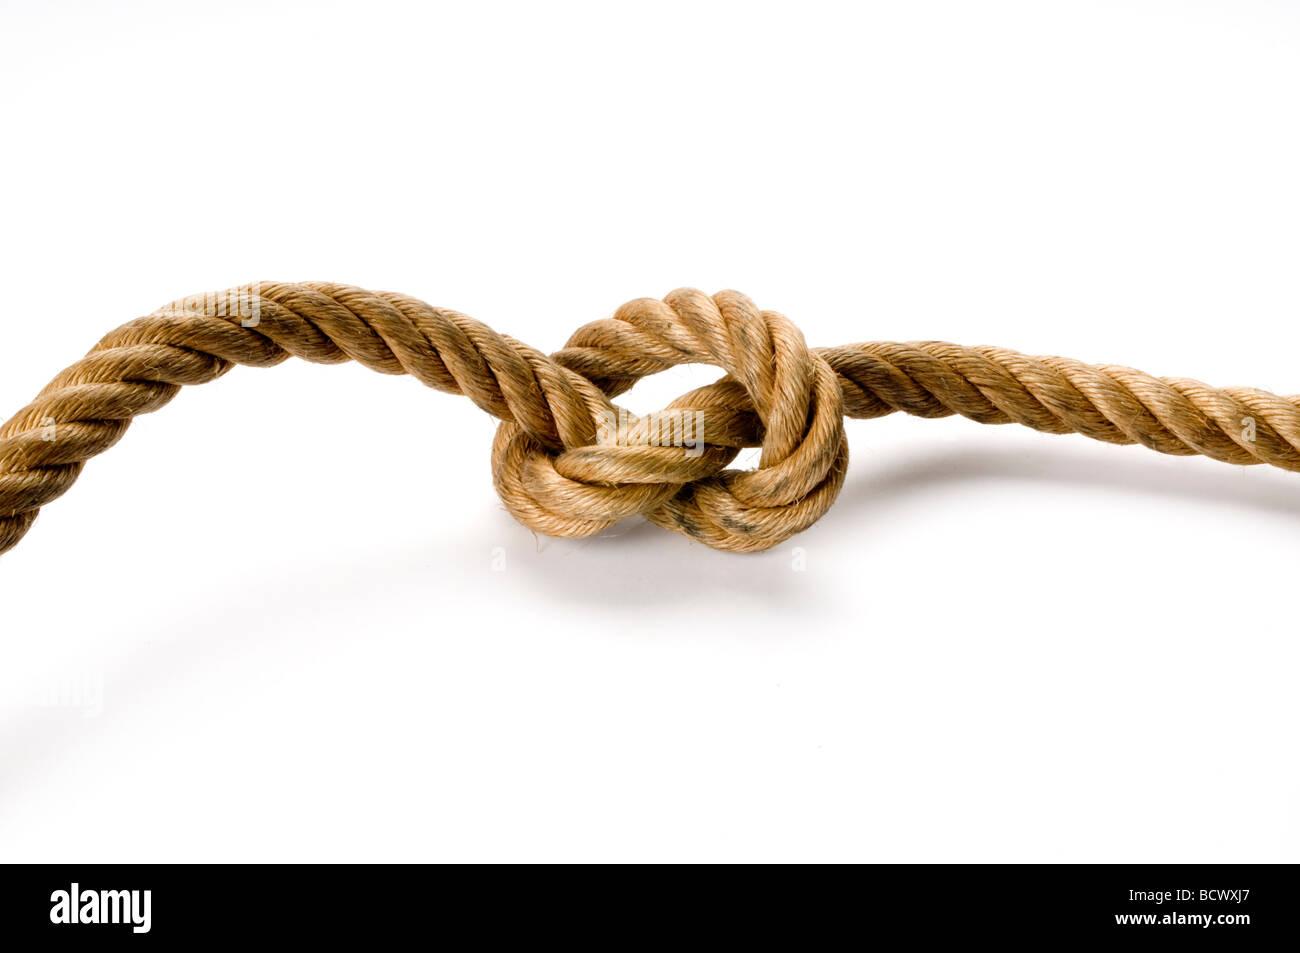 Nudo de cuerda en blanco Imagen De Stock